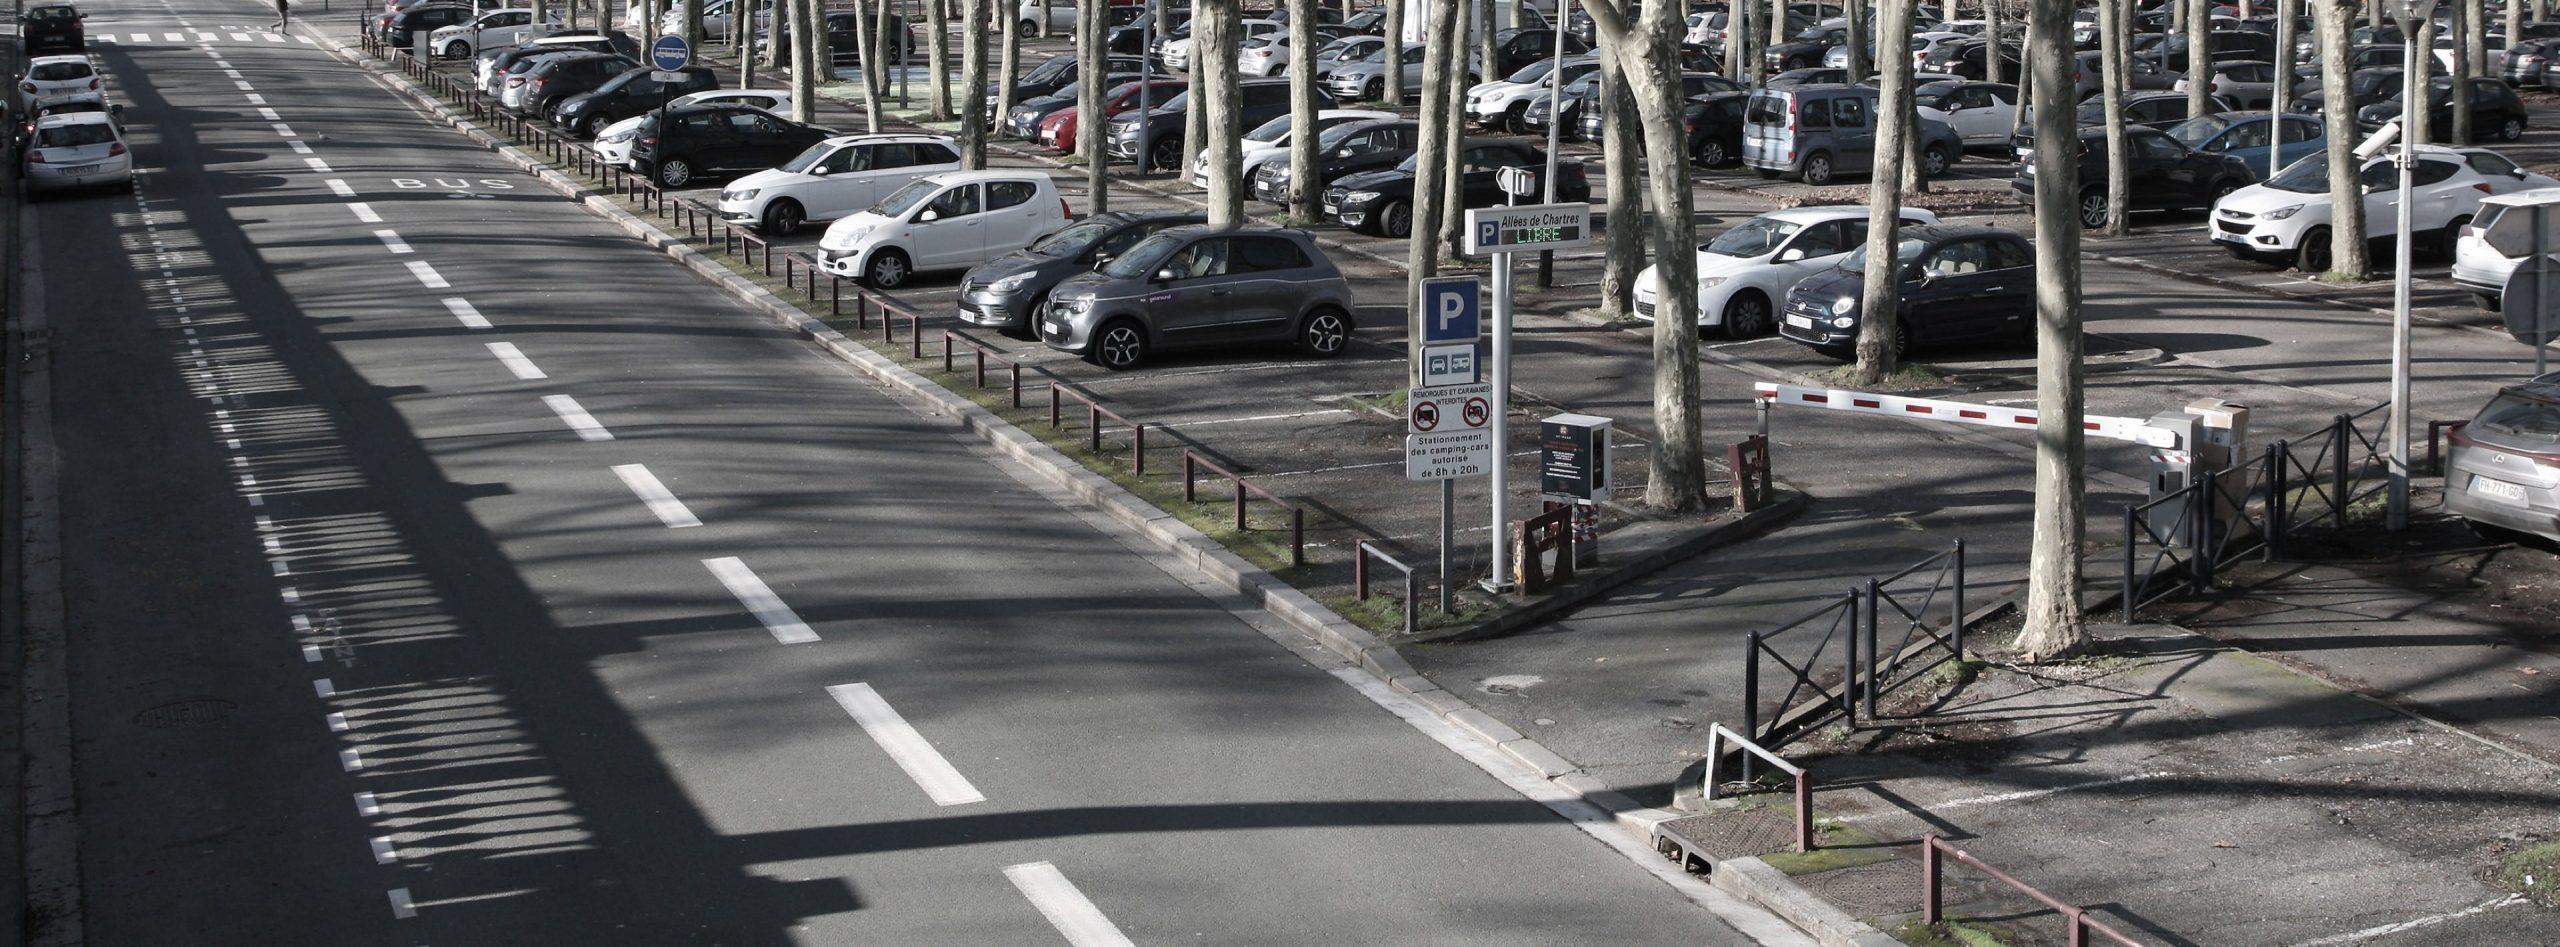 Garez-vous au parking METPARK Allée de Chartes à Bordeaux, place des Quinconces, proche des quais et du jardin public de Bordeaux.